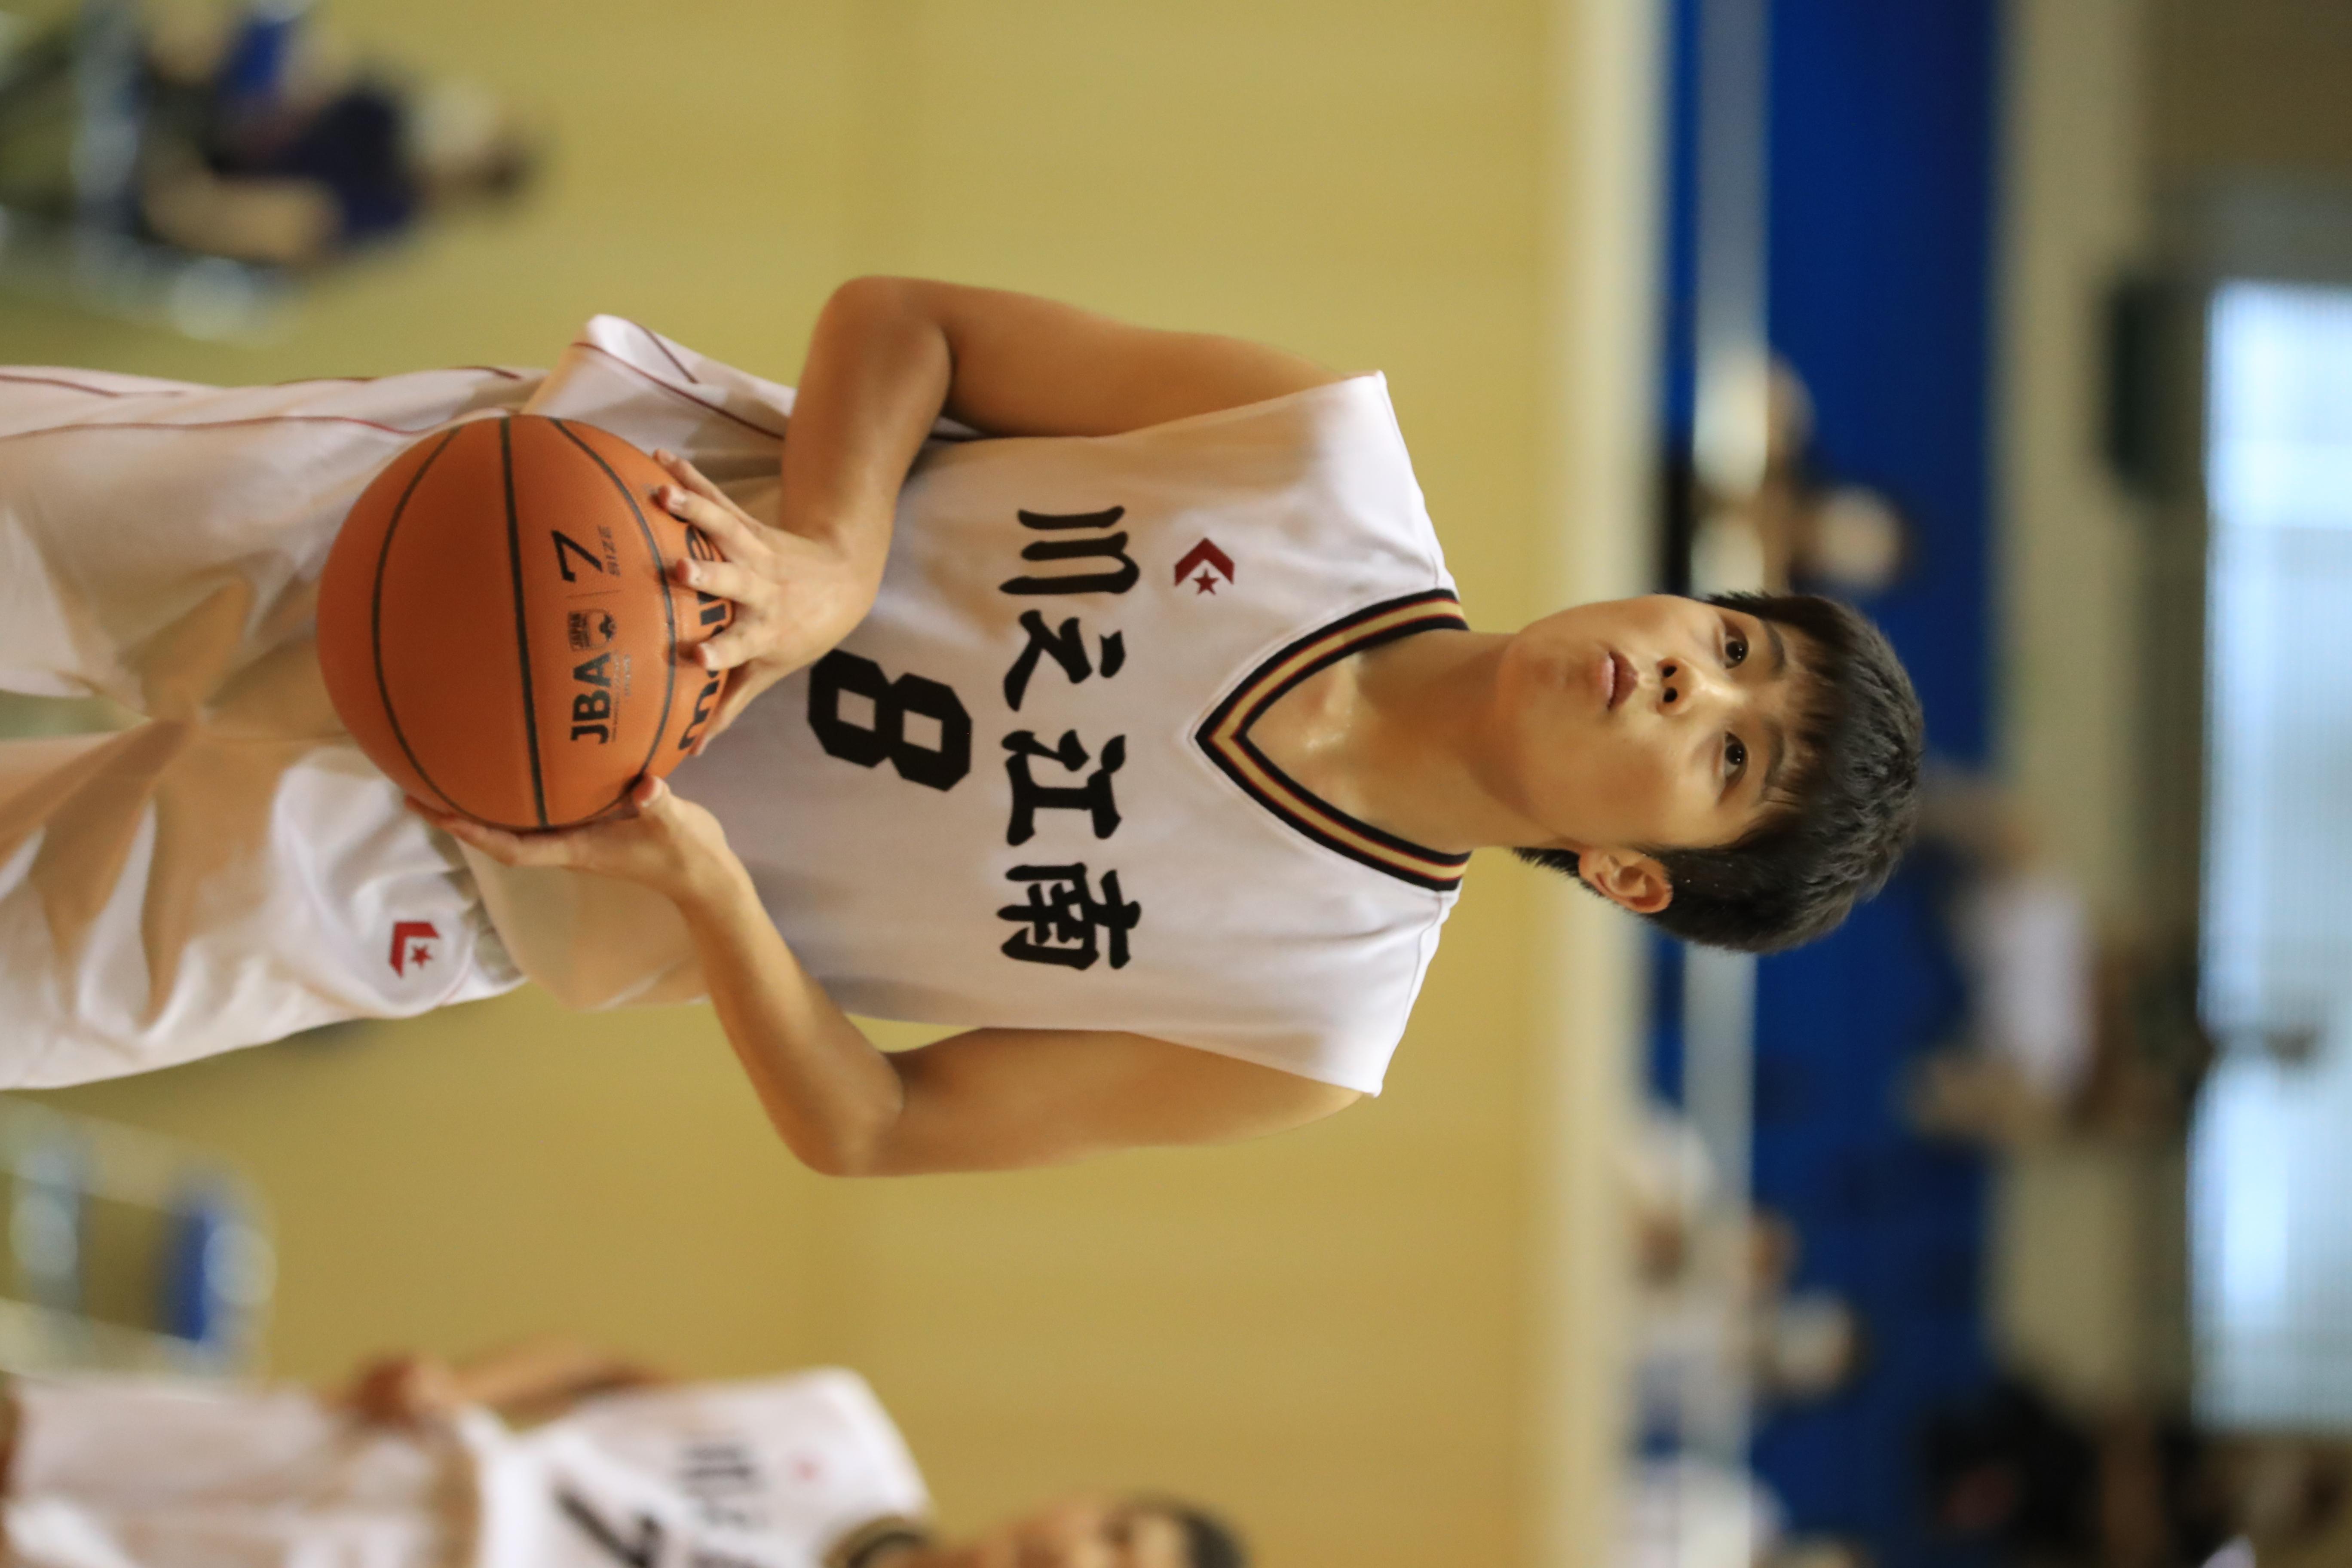 バスケット (283)